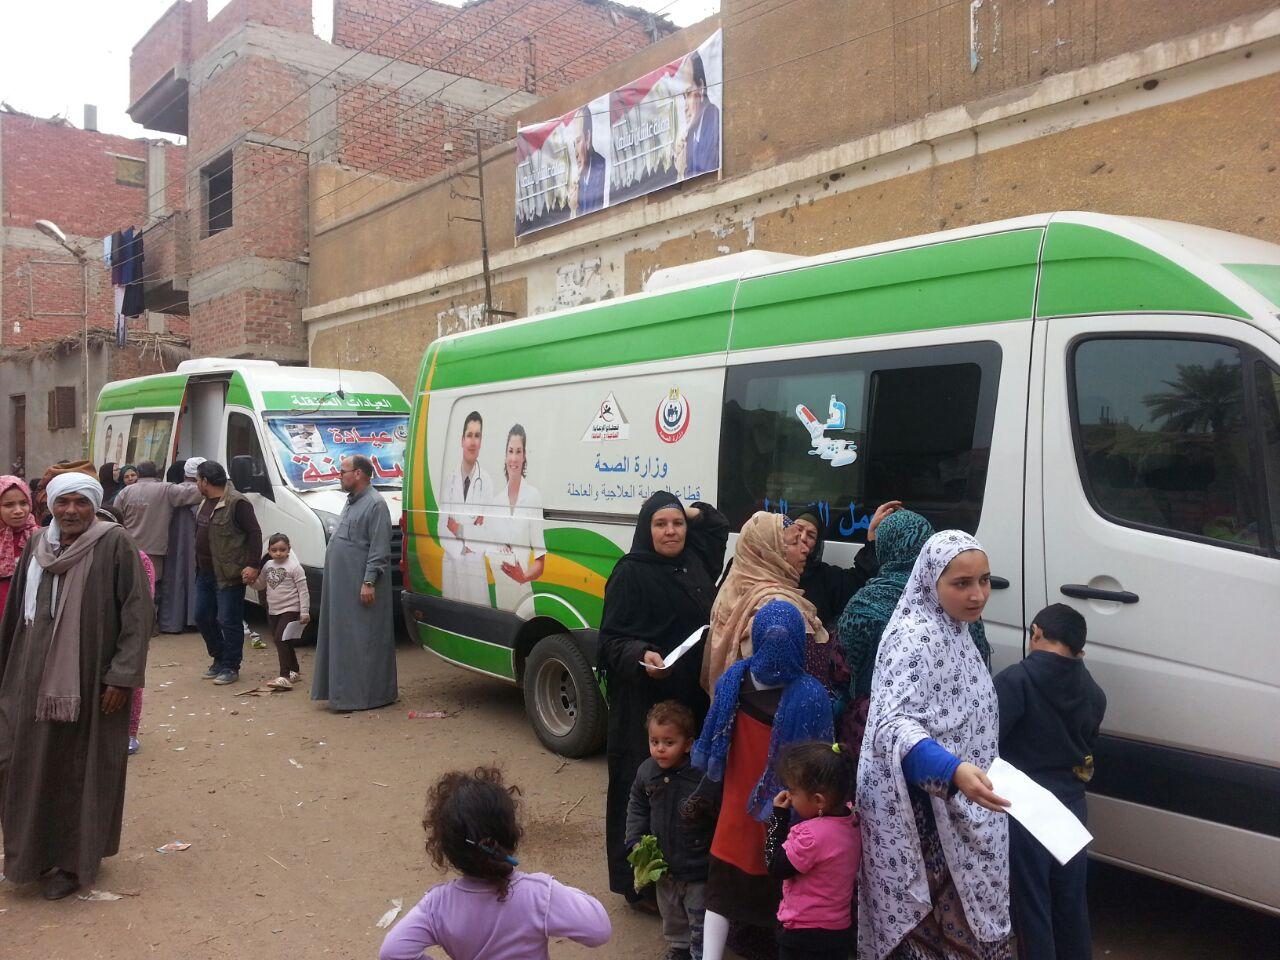 صورة الصحة تطلق 12 قافلة ضمن مبادرة حياة كريمة اليوم وغدا للكشف والعلاج بالمجان